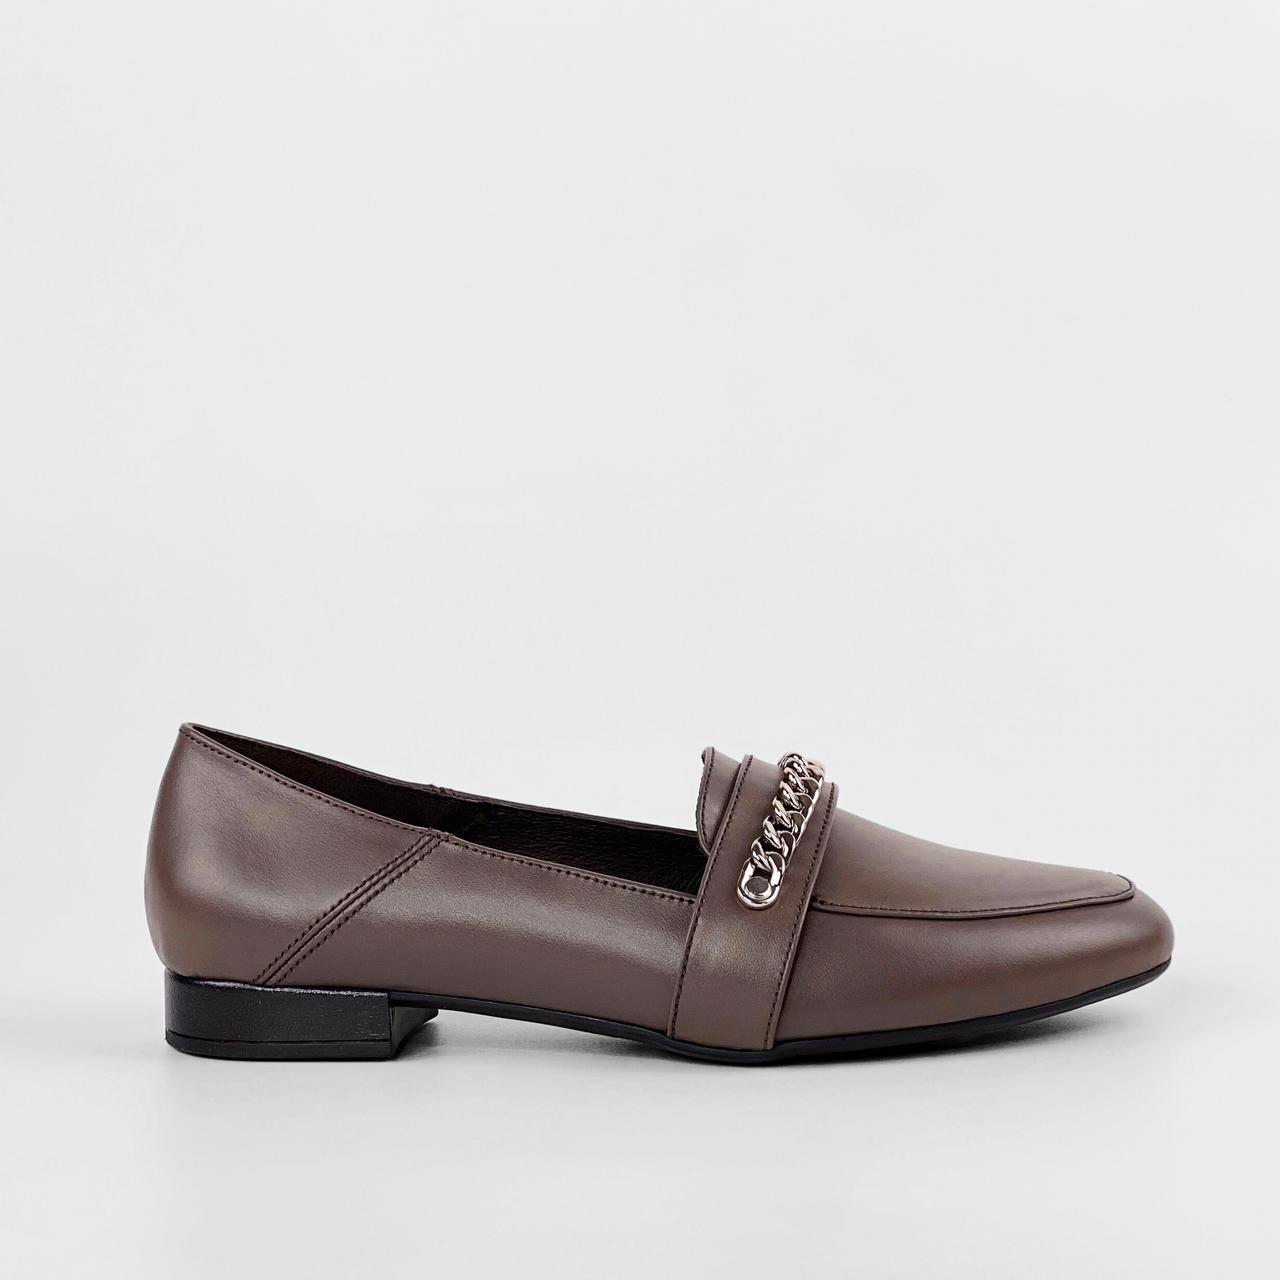 Туфли женские кожаные коричневые с цепочкой MORENTO